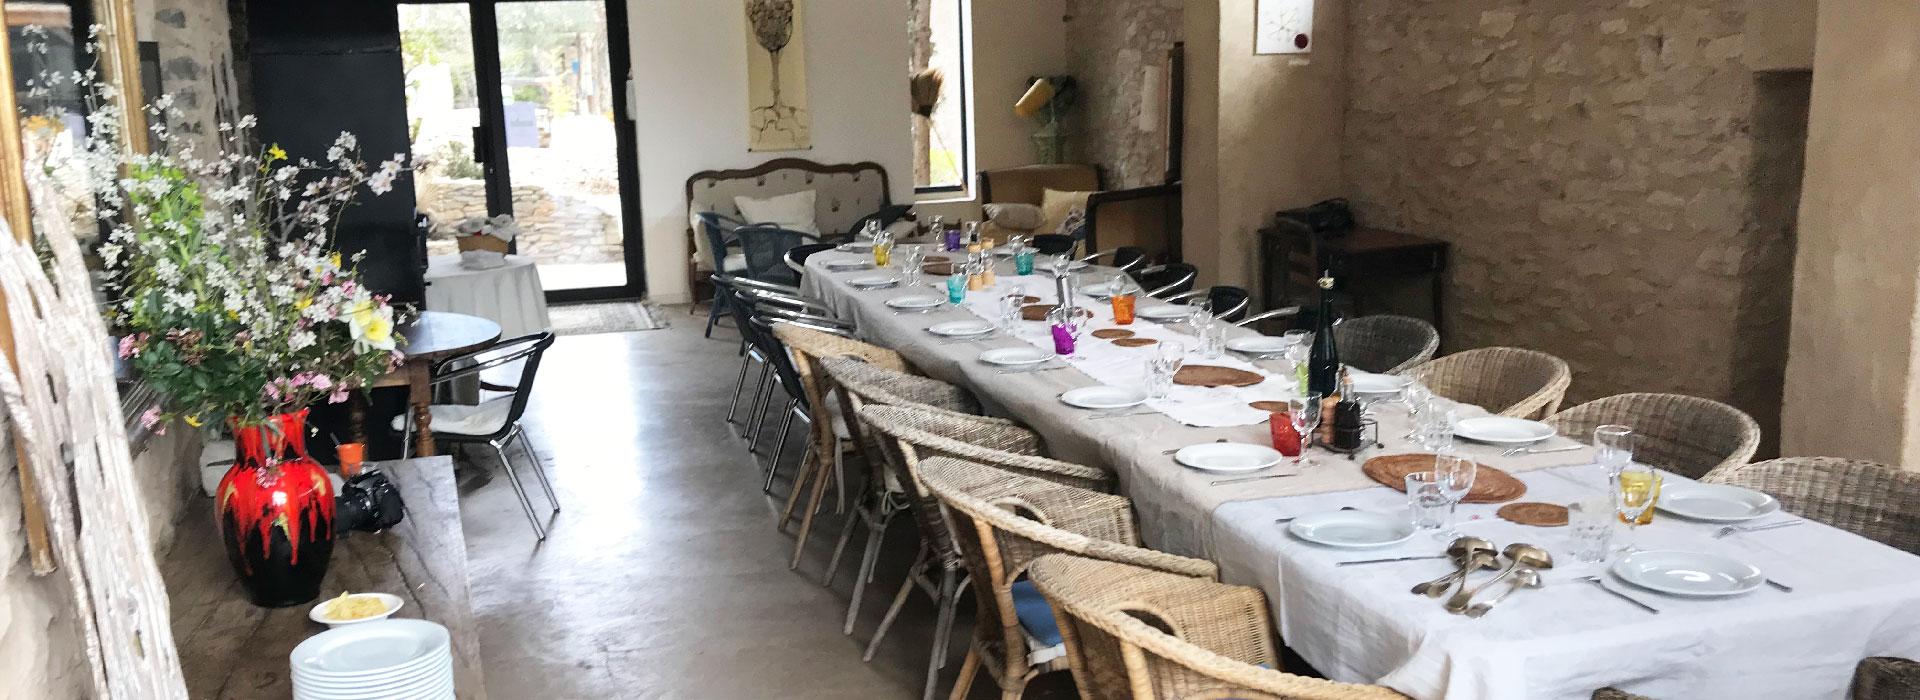 Un table de groupe au Jas de péguier en provence